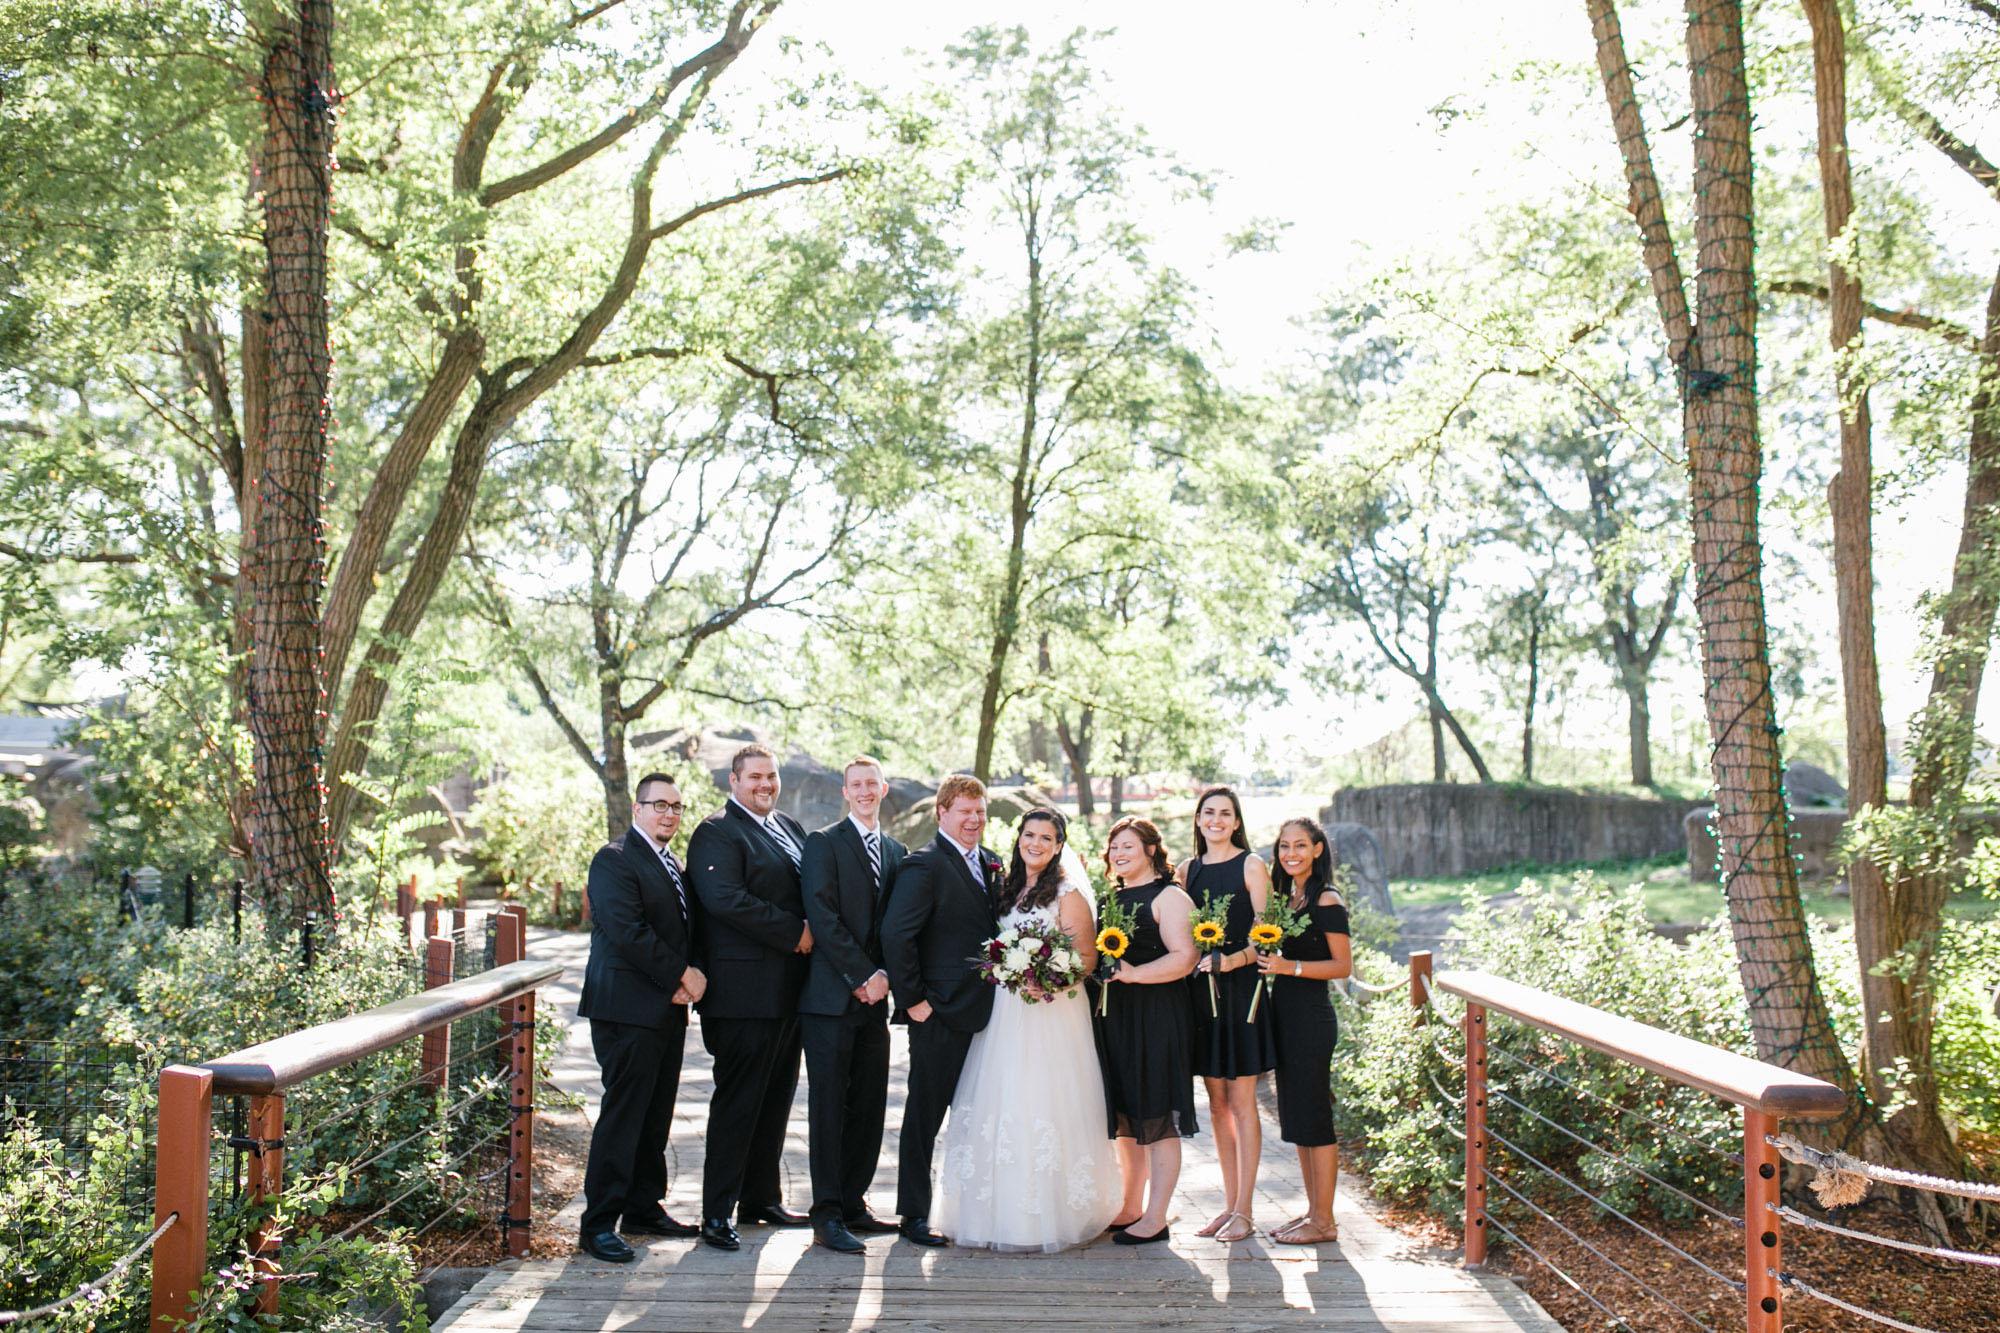 toledo-zoo-wedding-pictures-40.jpg